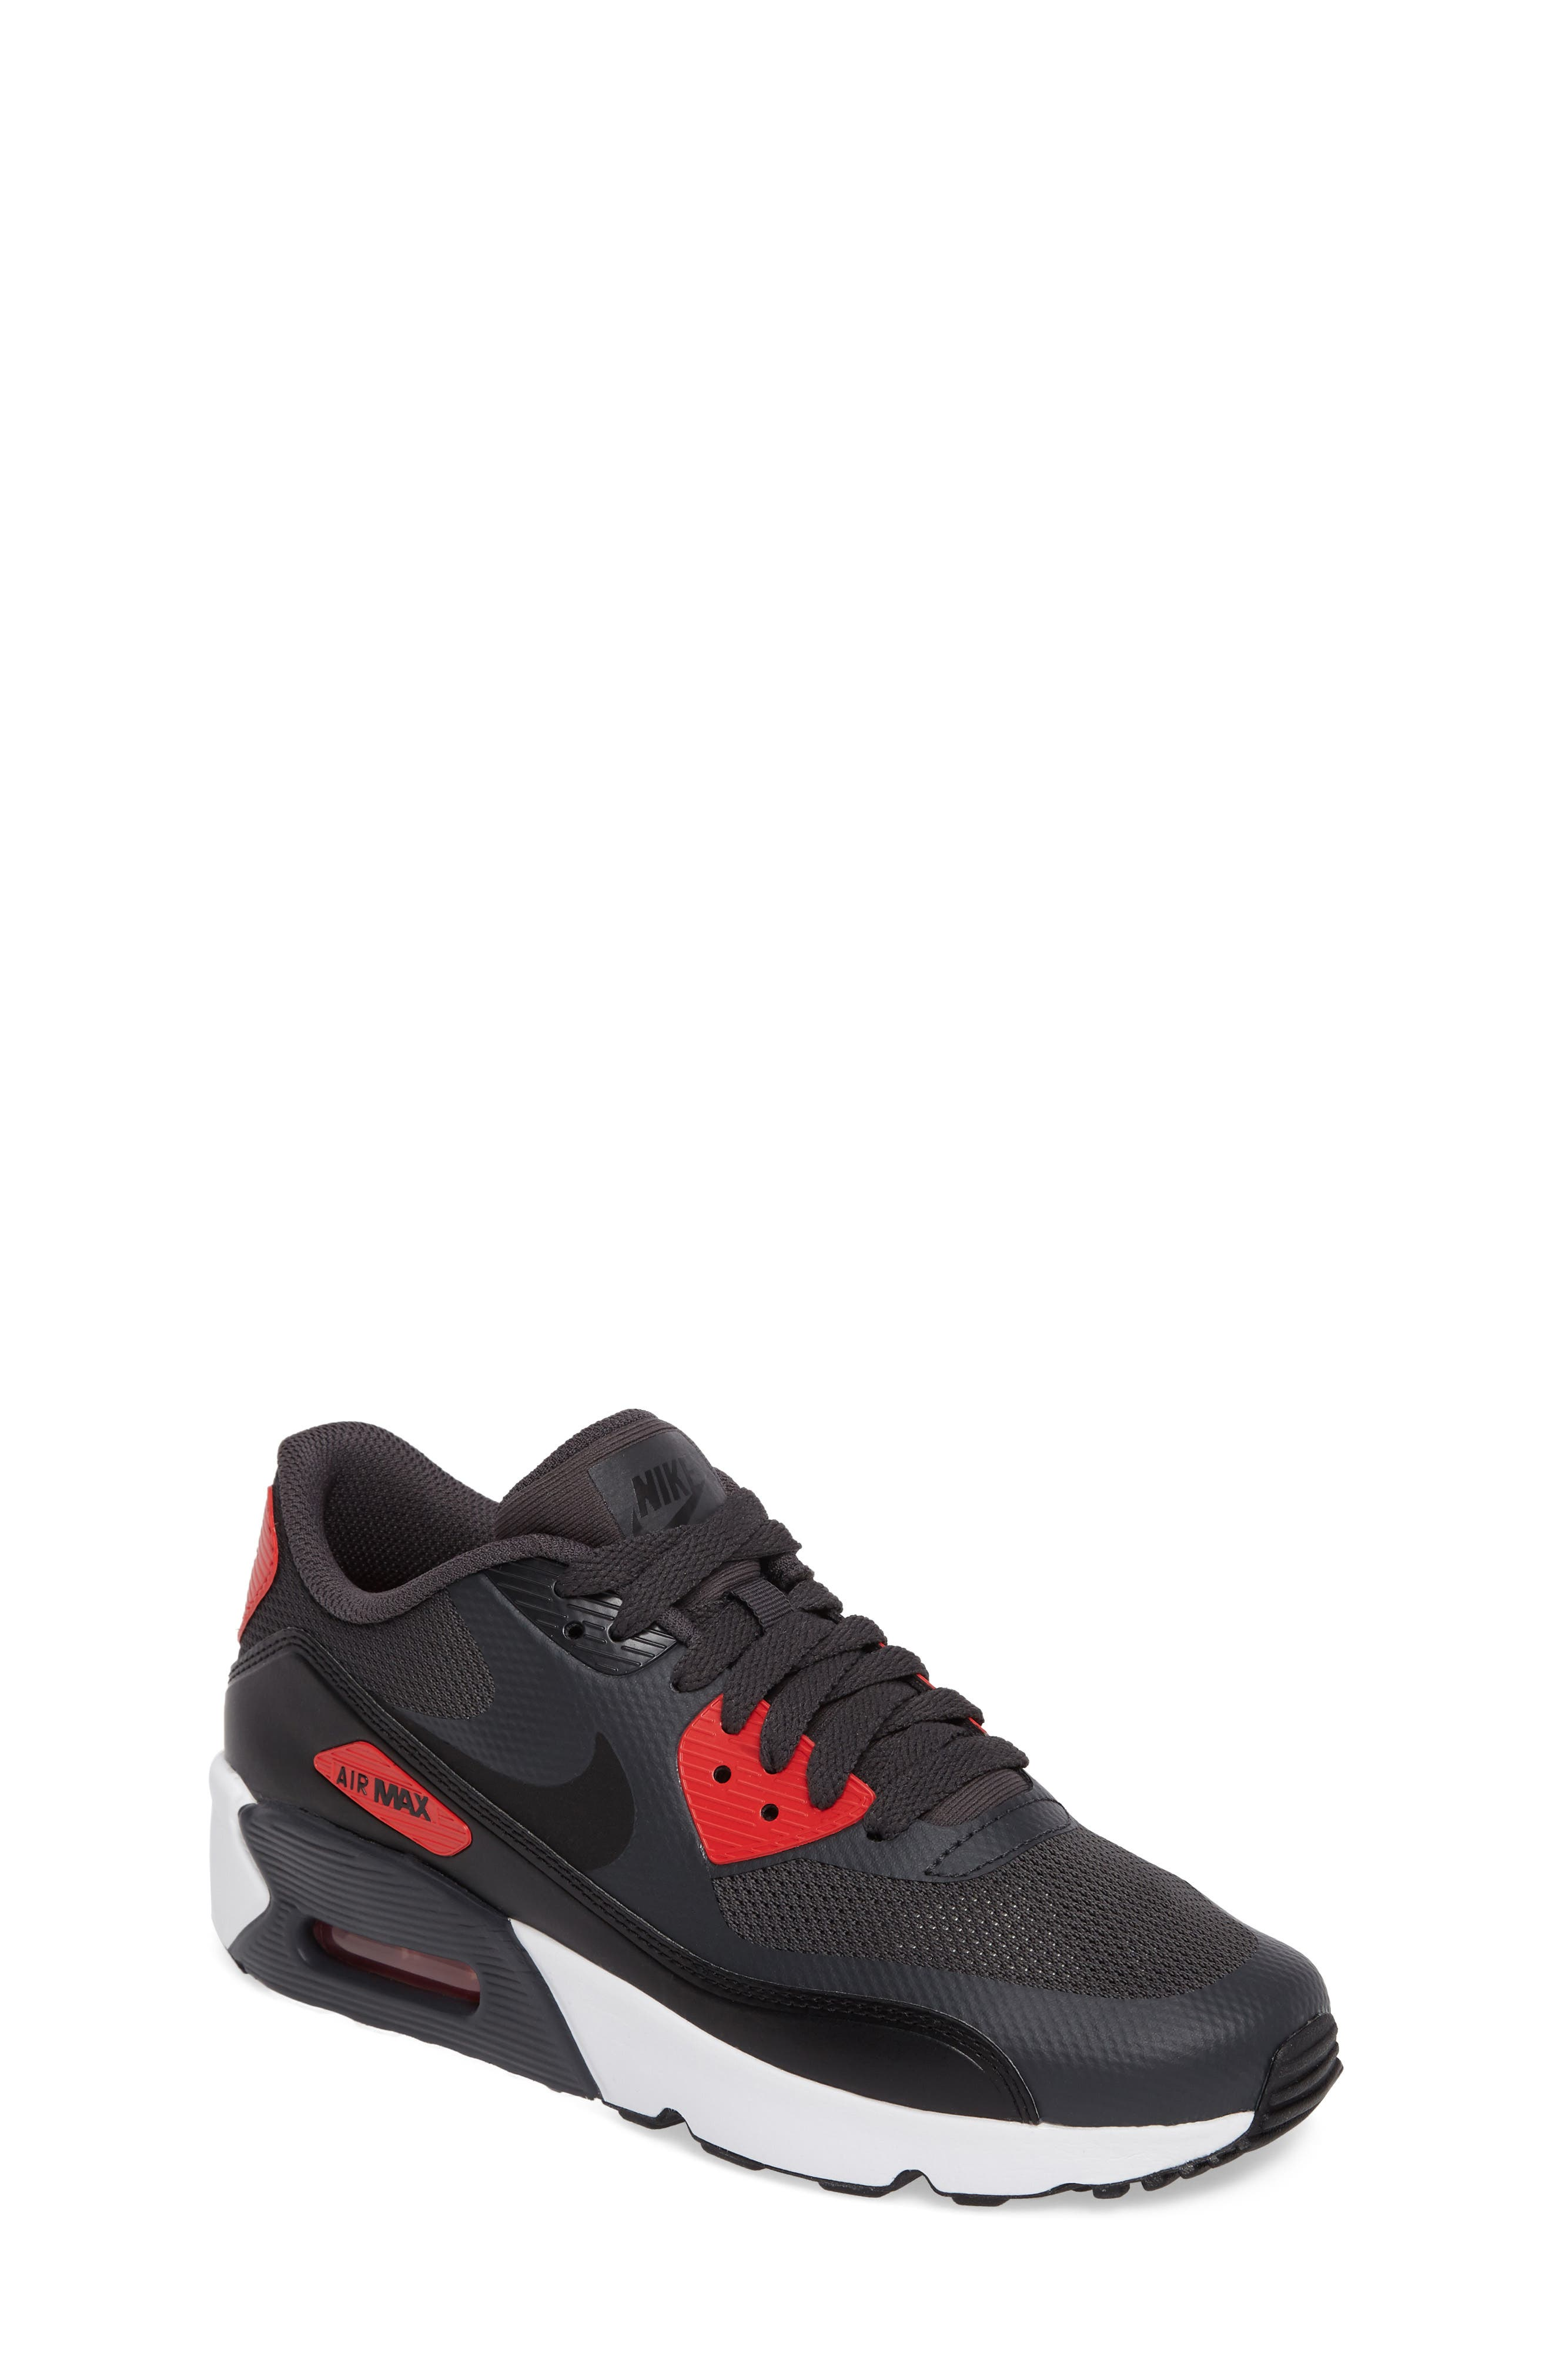 Alternate Image 1 Selected - Nike Air Max 90 Ultra 2.0 Sneaker (Big Kid)